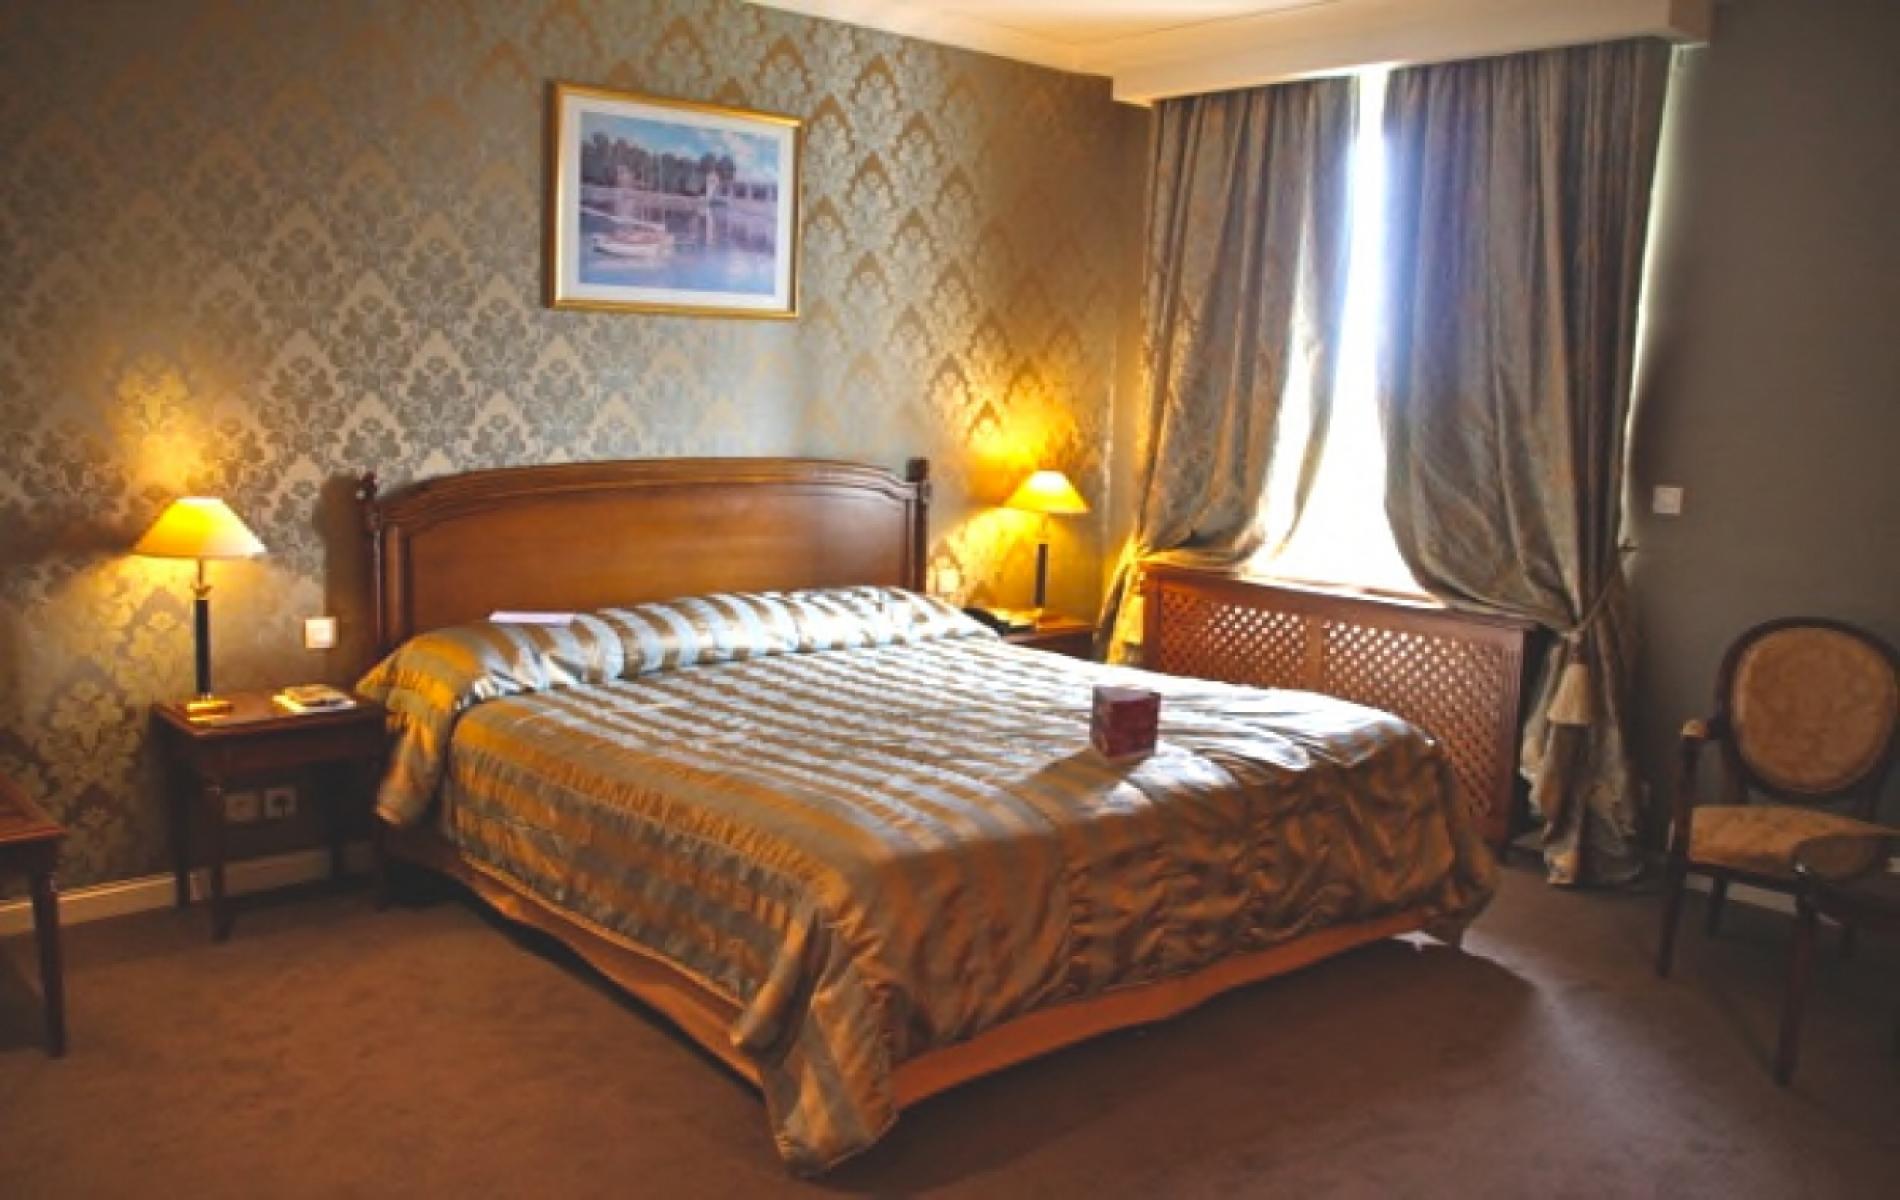 Chambre toute équipée pour un séminaire à Deauville